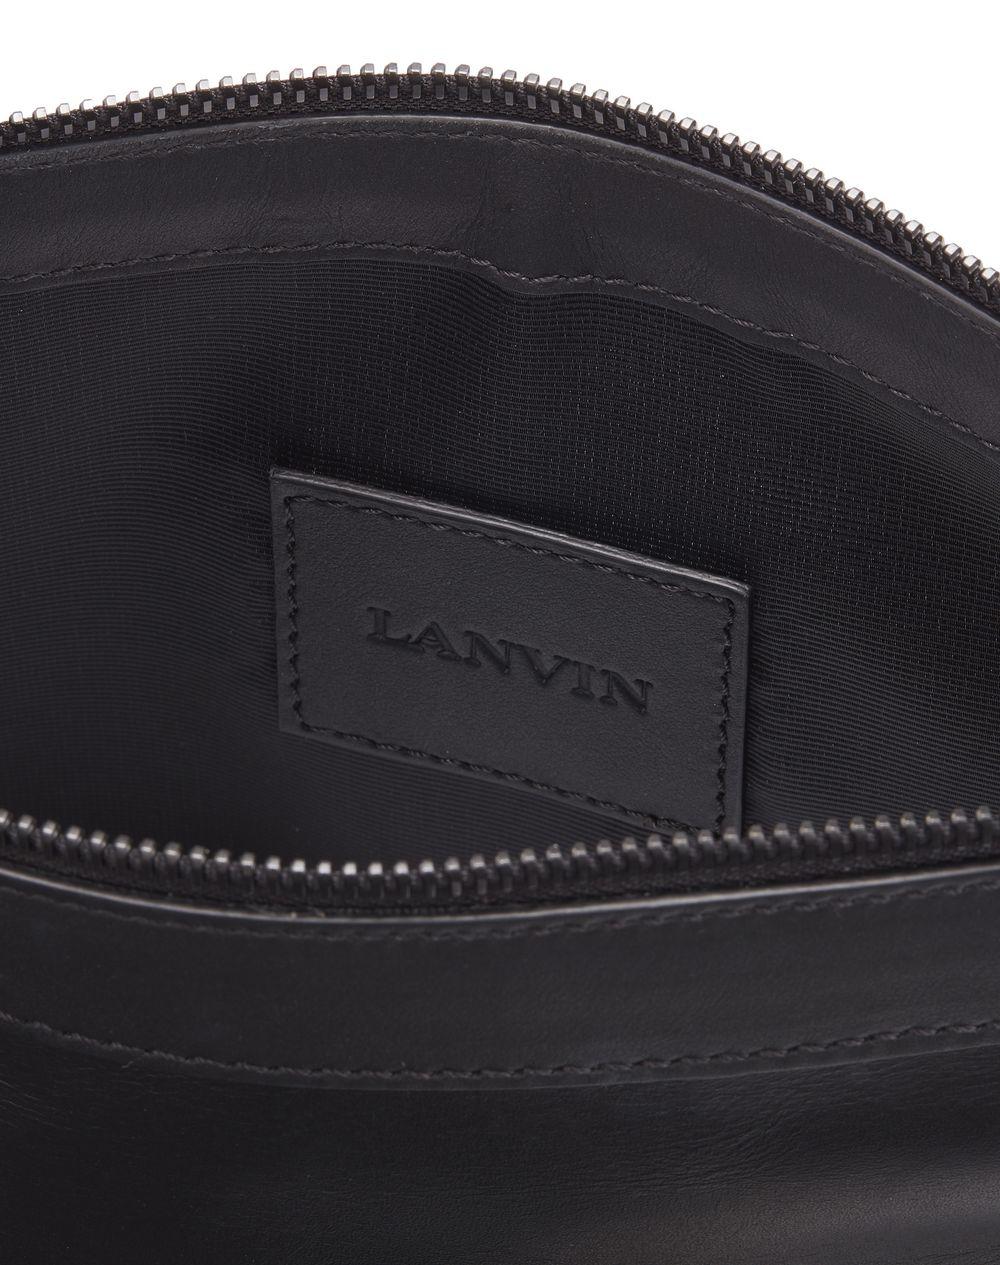 LANVIN LOGO ZIPPED CLUTCH - Lanvin